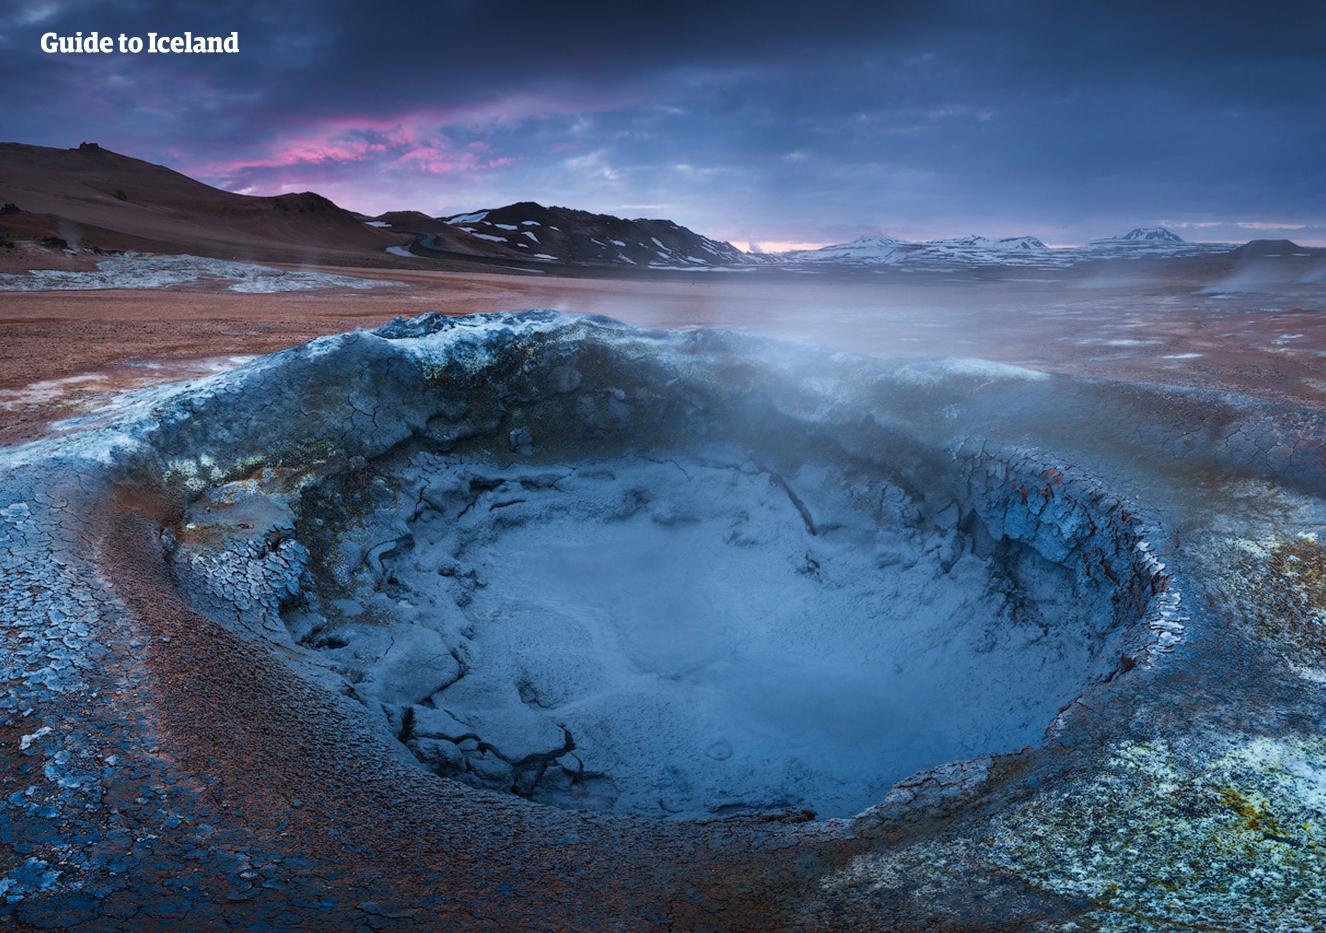 Baseny błotne, otwory wentylacyjne i gorące źródła w północno-islandzkiej strefie geotermalnej wypełniają powietrze dymem siarkowym.